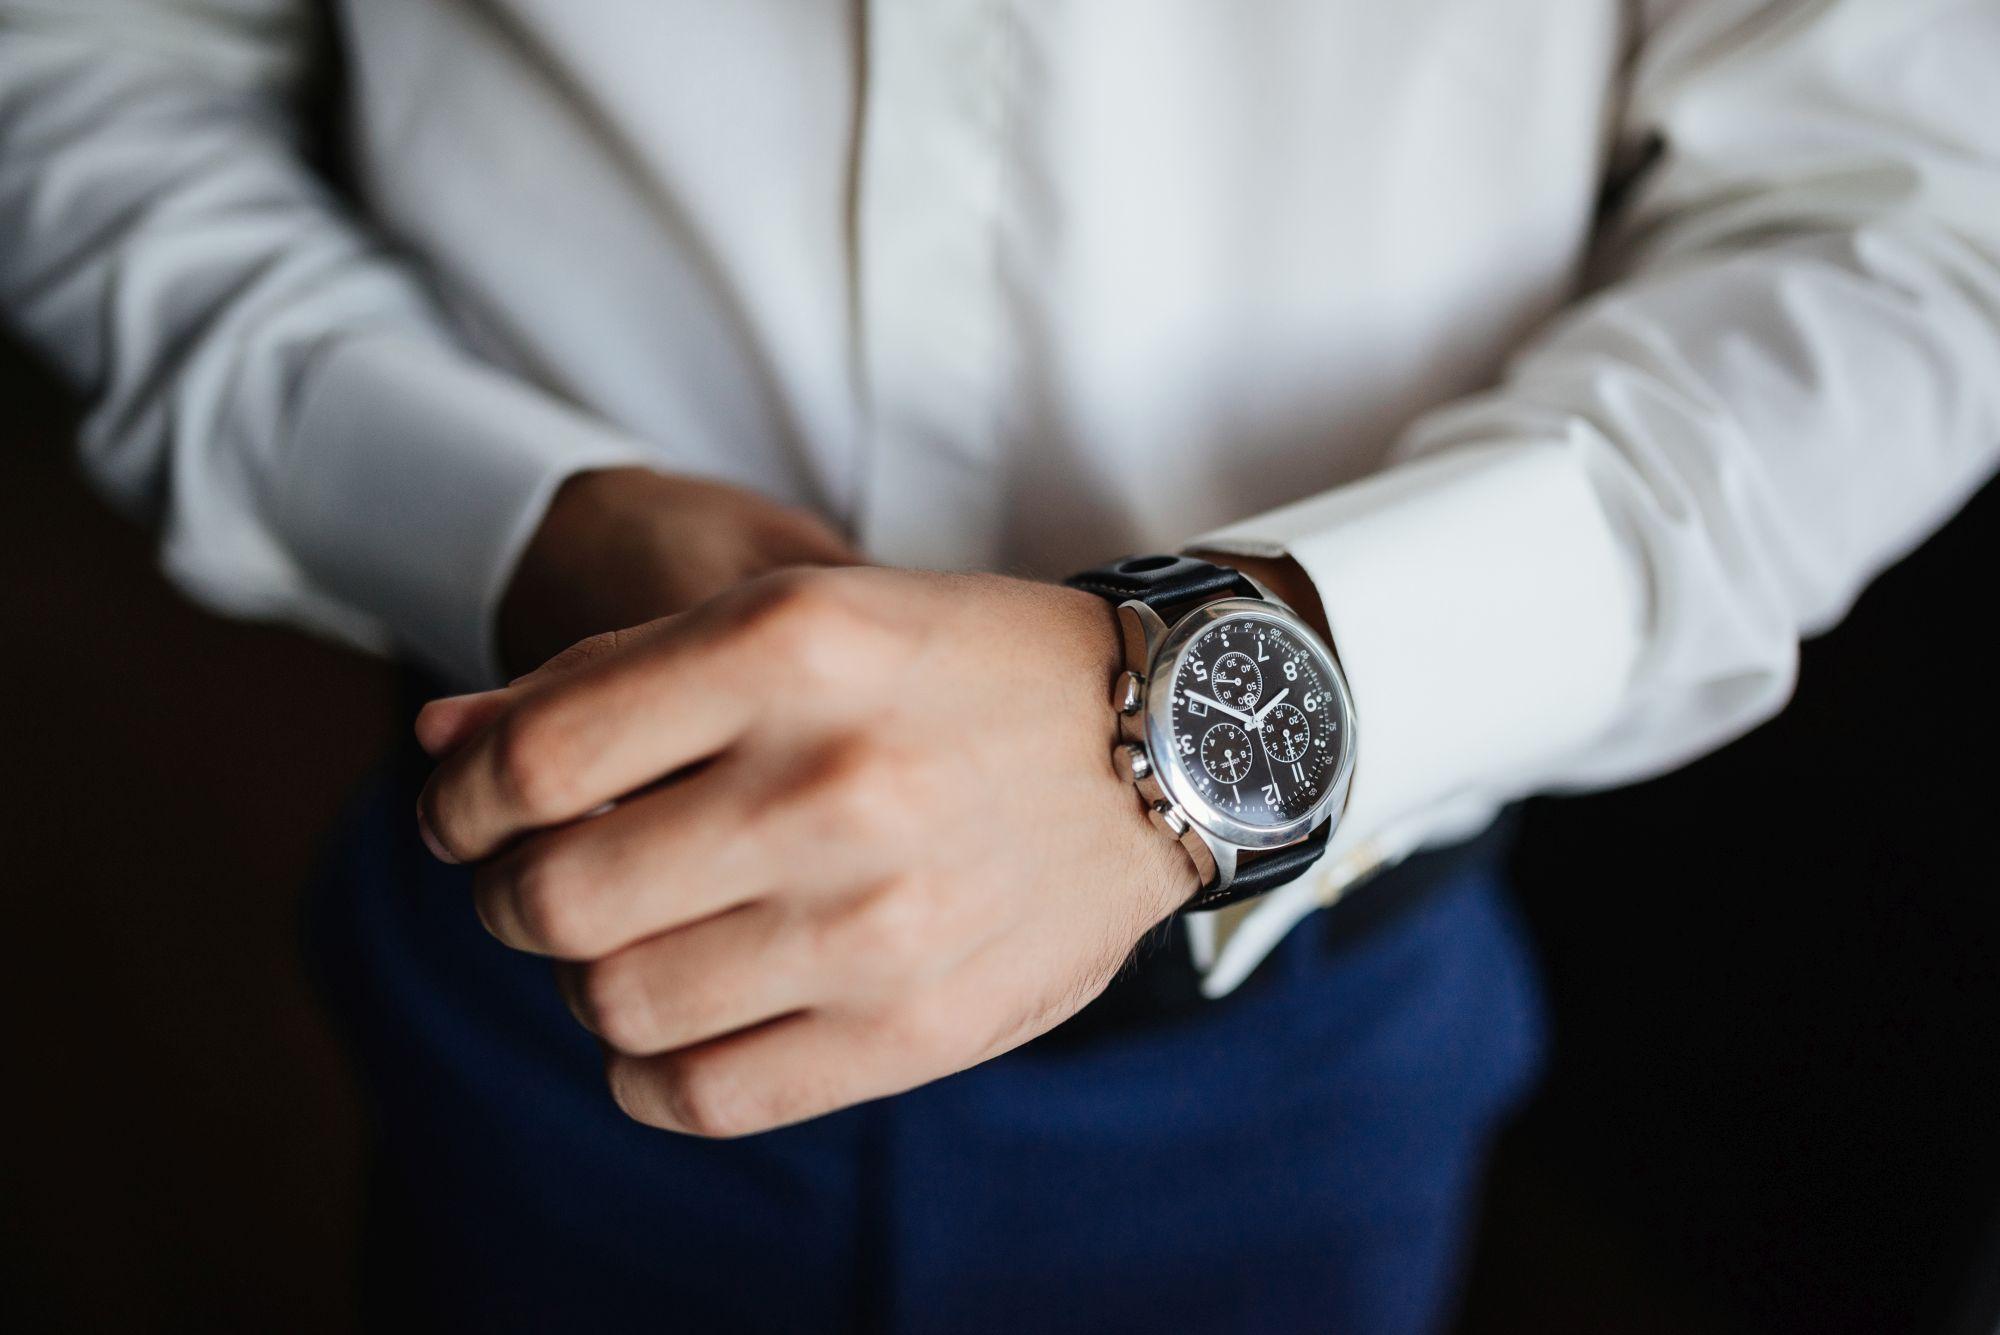 Elegáns férfi kezén hagyományos óra